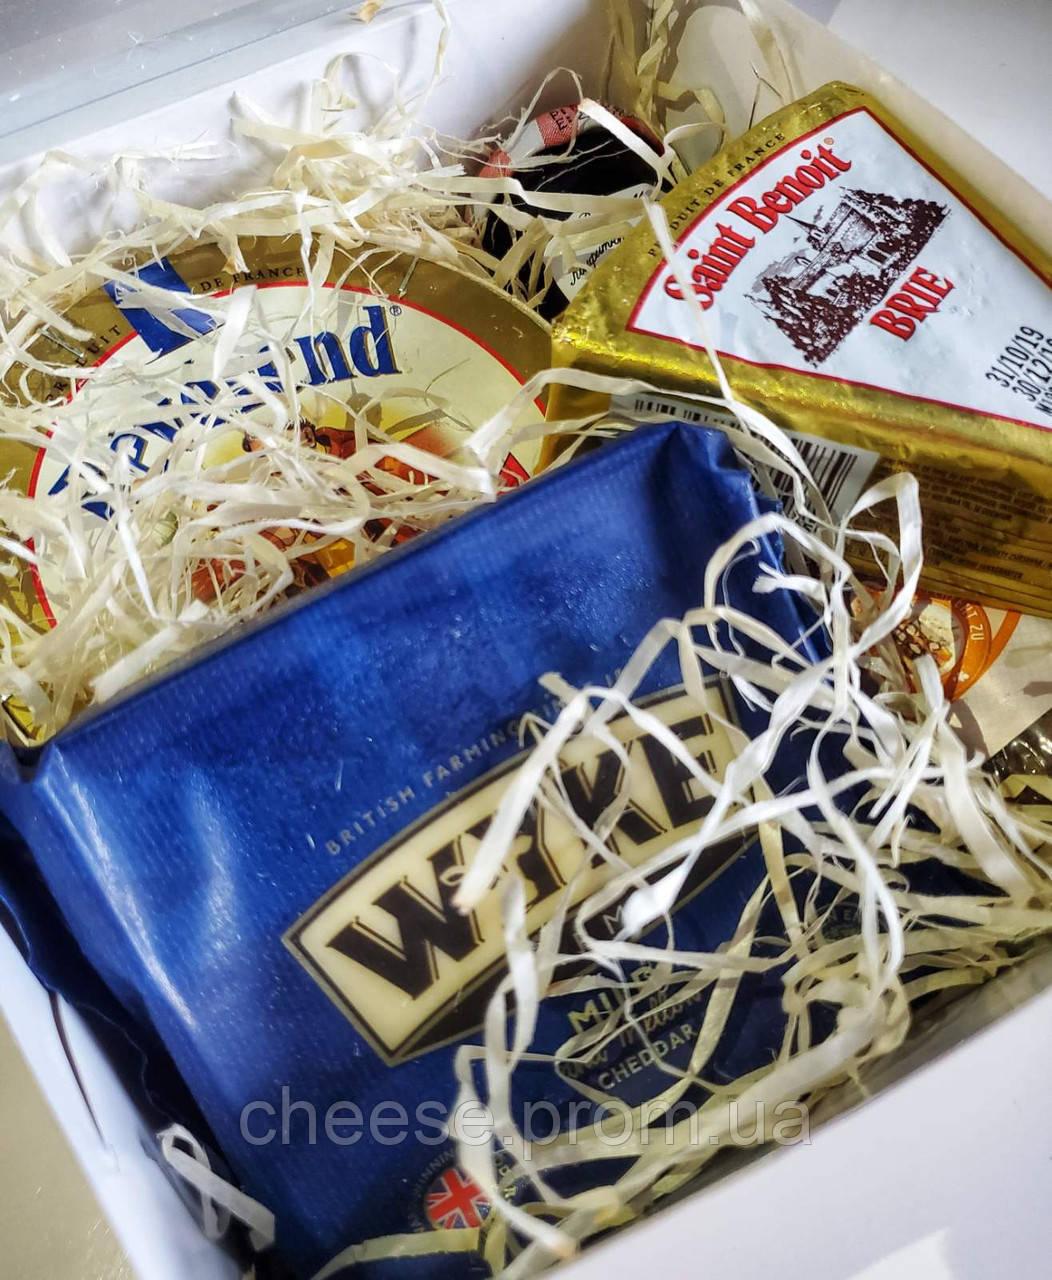 Подарочный набор сыров, фото 1